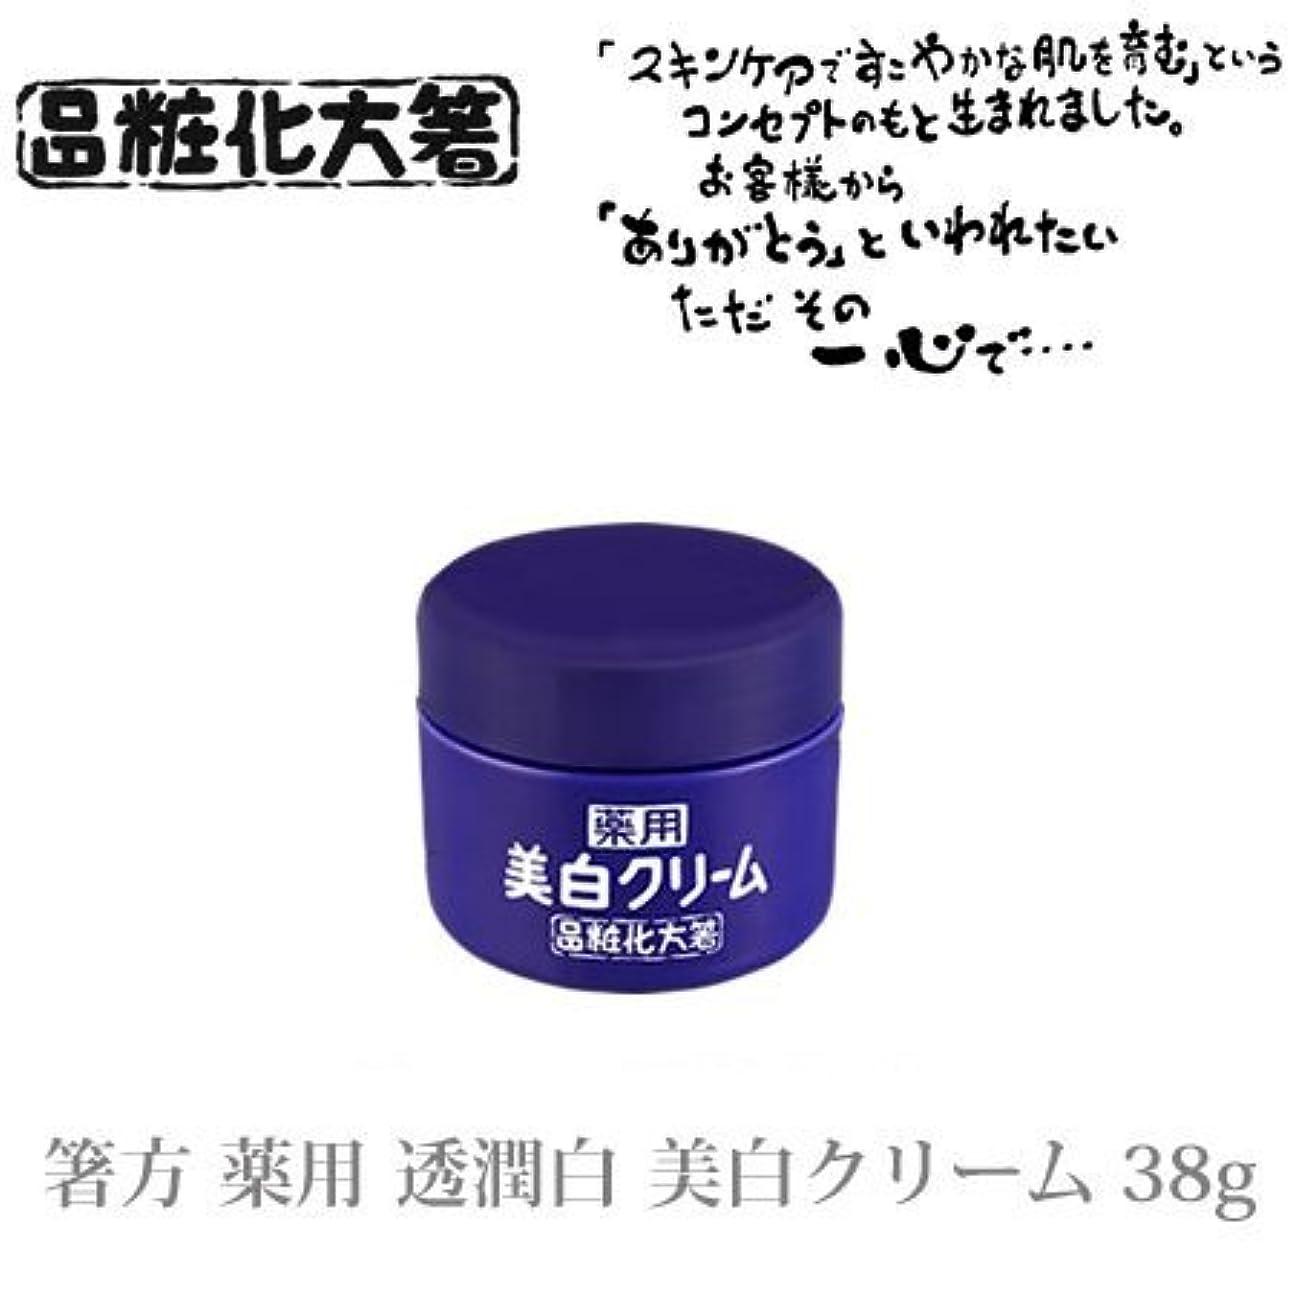 私たちエゴマニアレザー箸方化粧品 薬用 透潤白 美白クリーム 38g はしかた化粧品